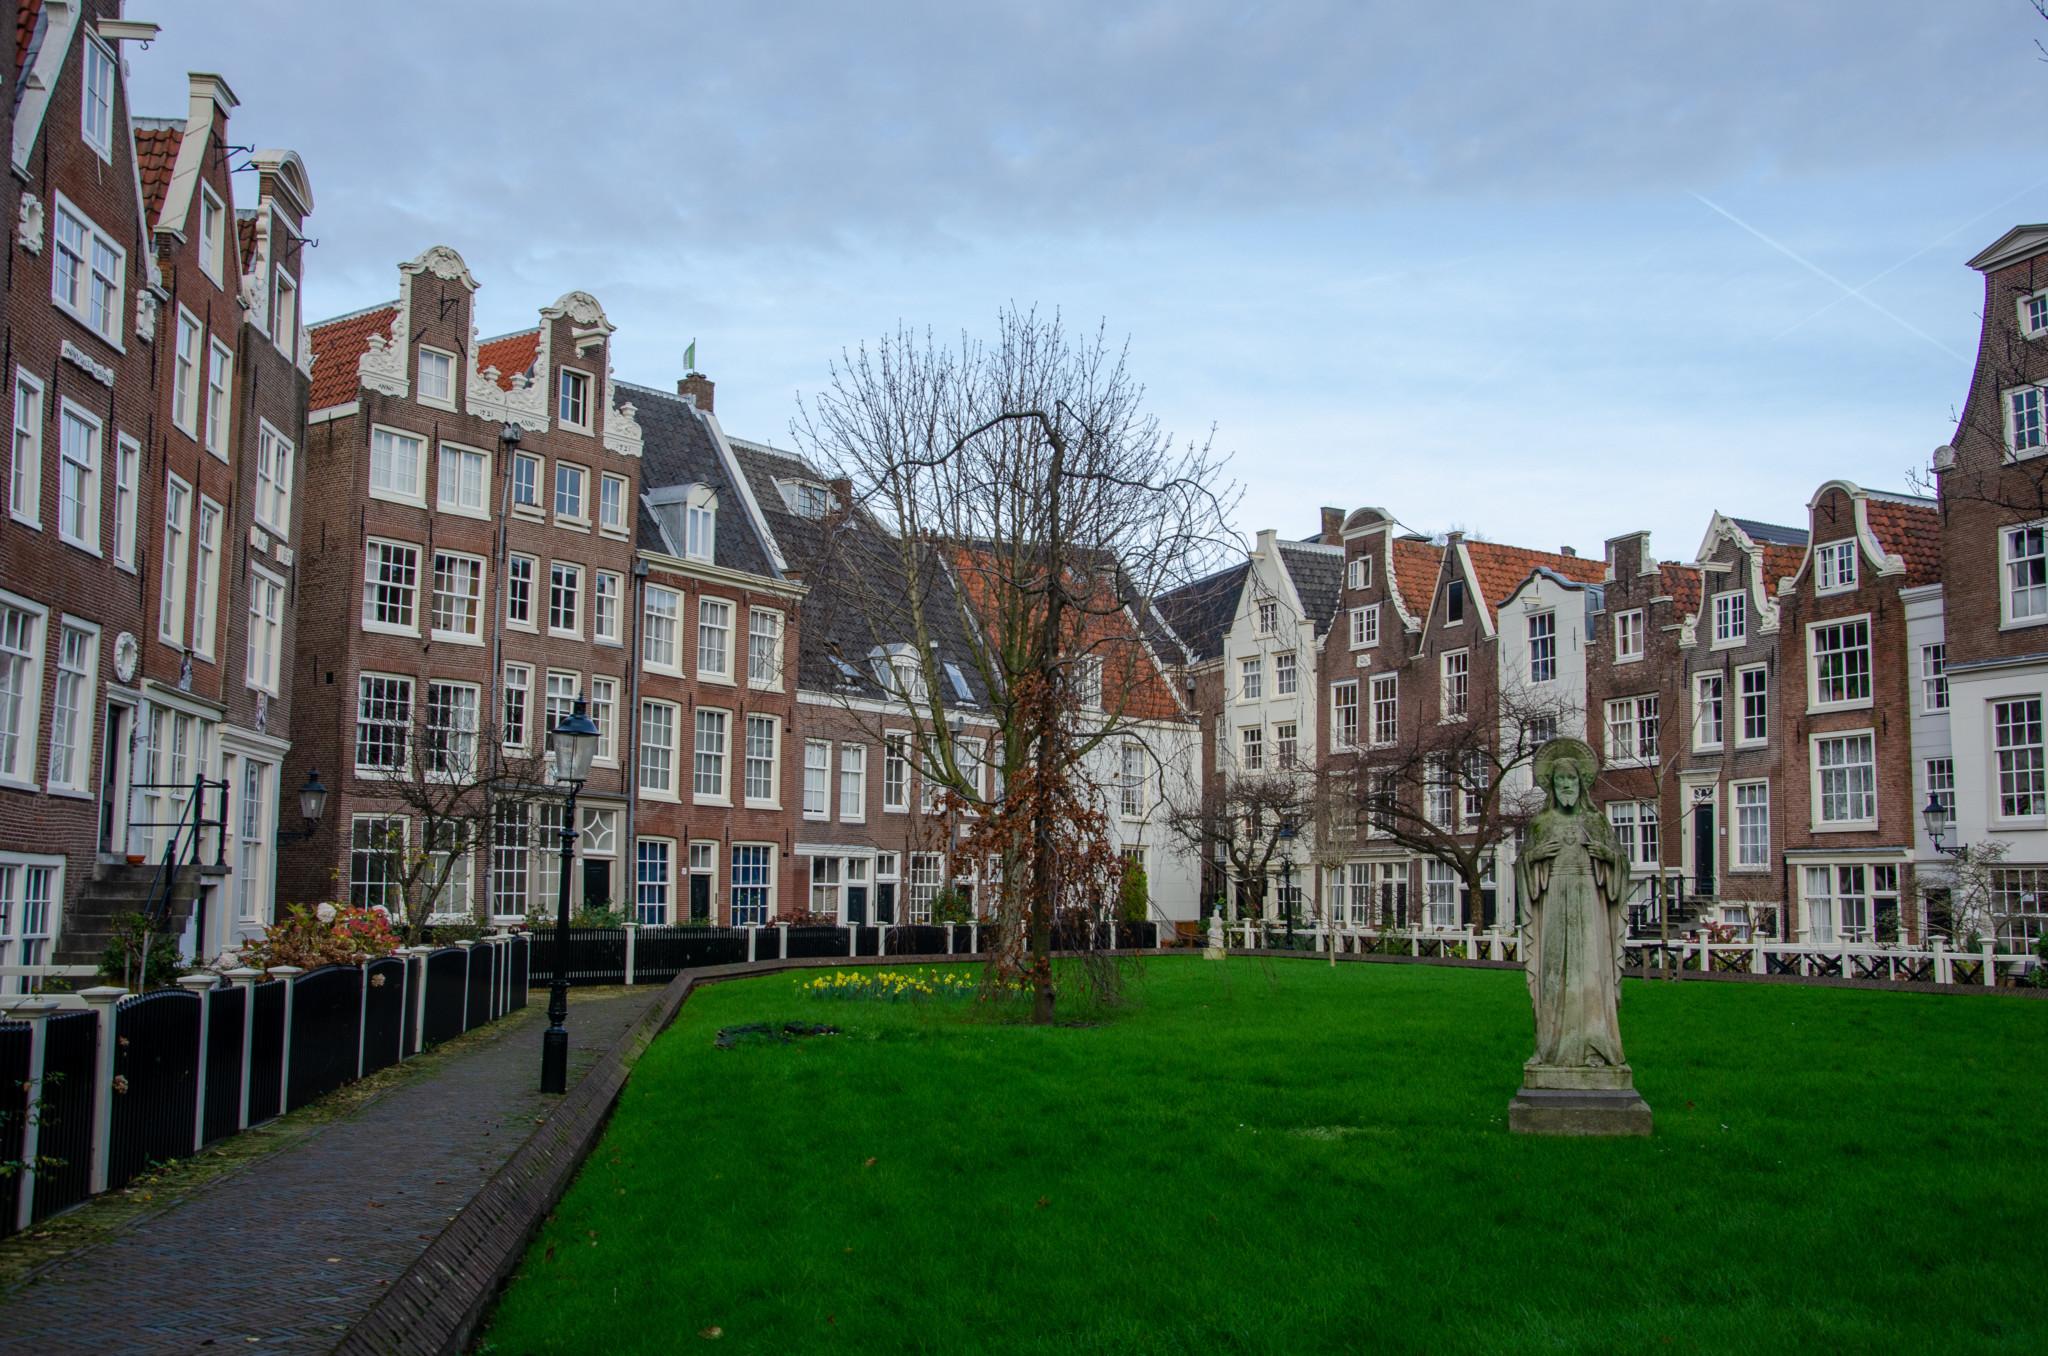 Begijnhof Amsterdam Sehenswürdigkeiten